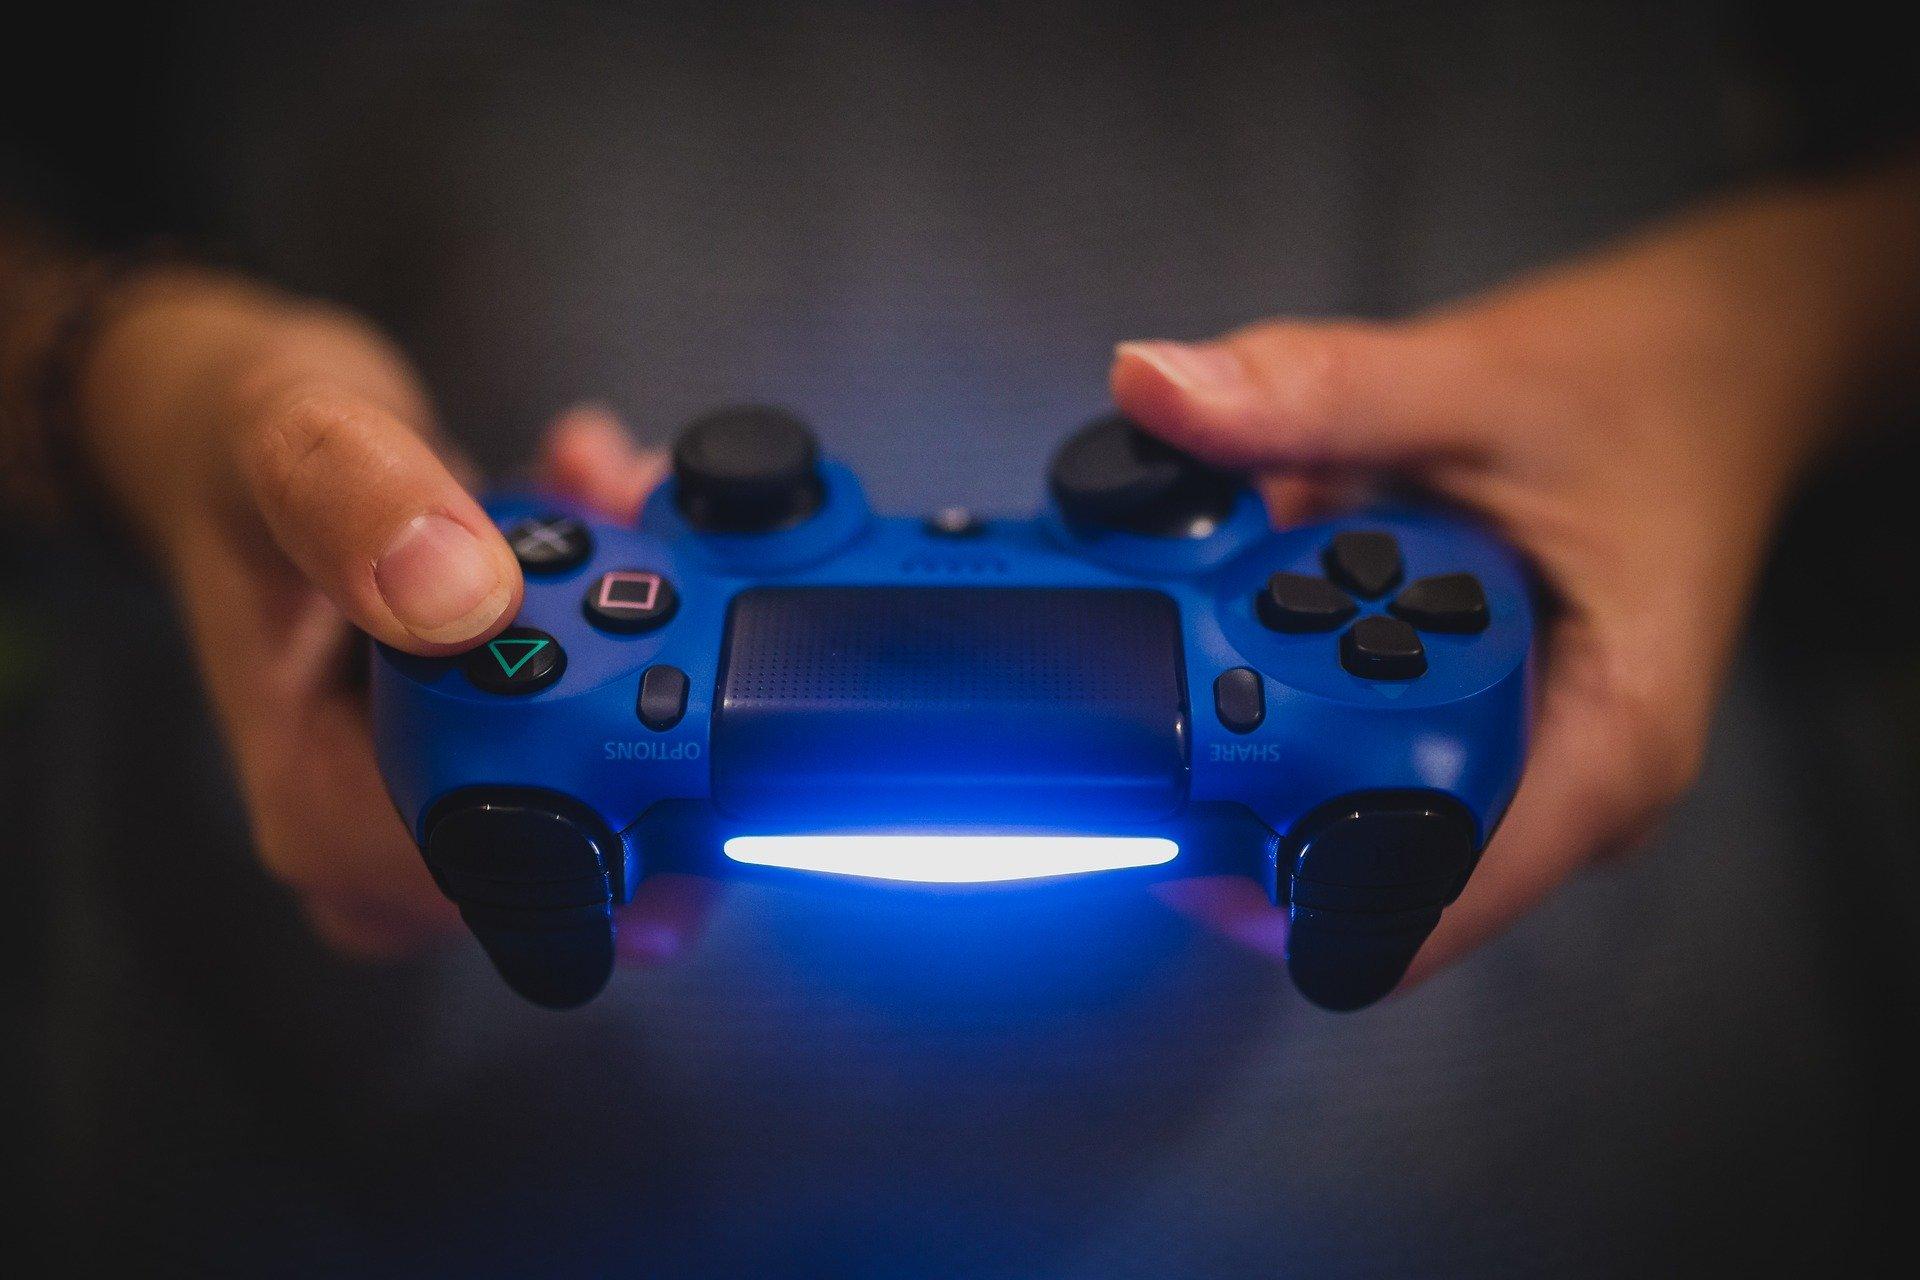 La adicción a los juegos de consolas es un trastorno obsesivo que crea dependencia.